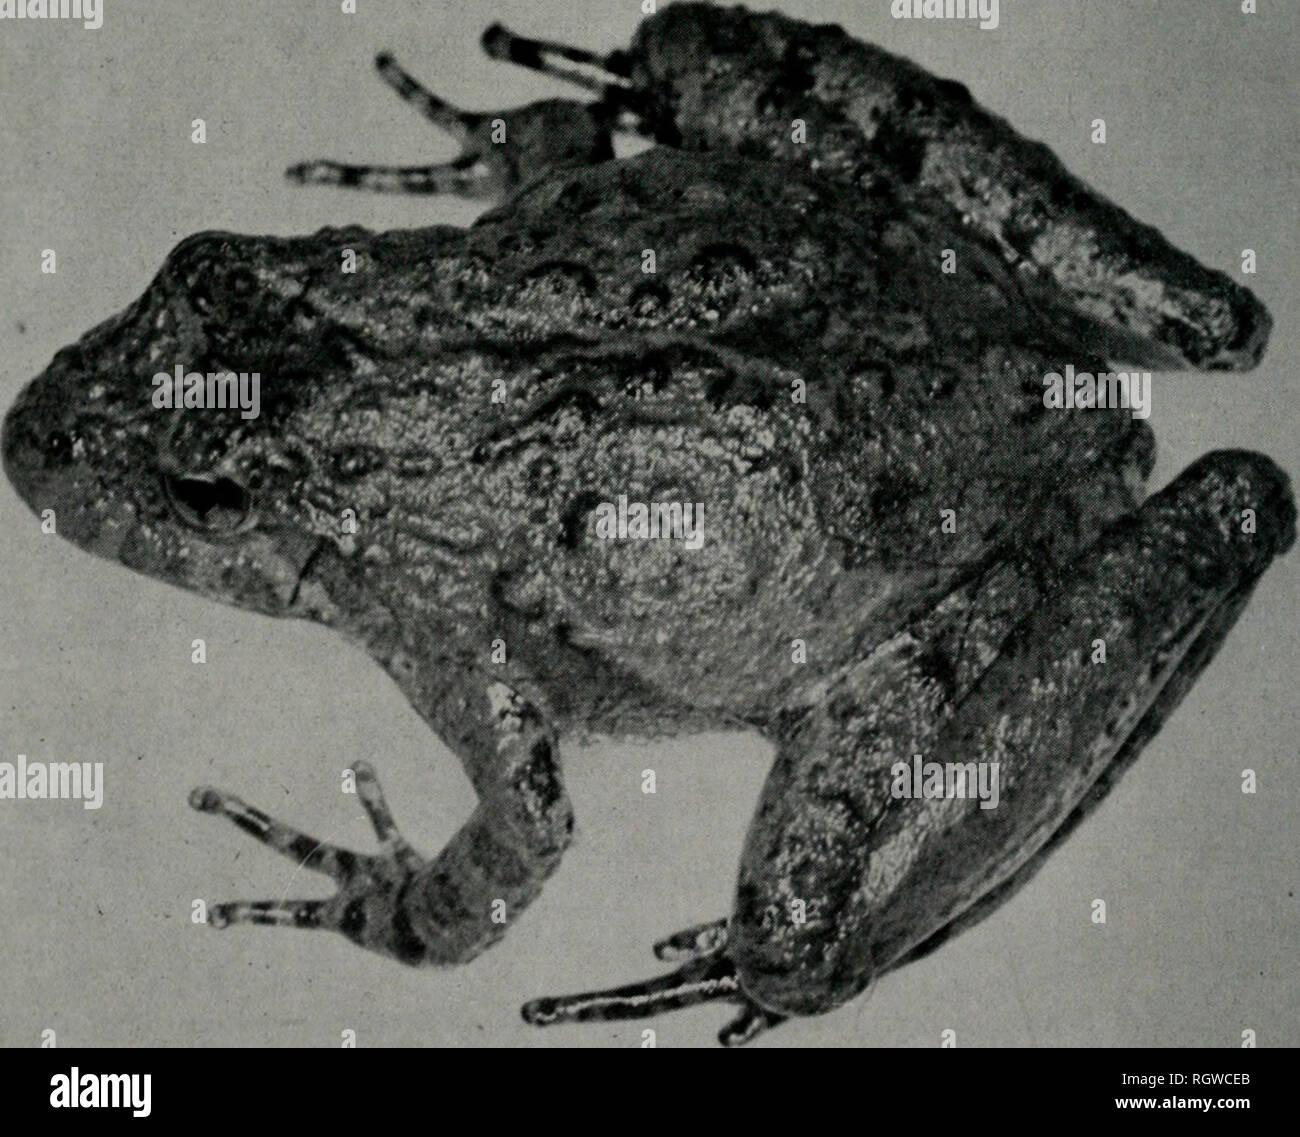 . Boletín. Historia natural; historia natural. Ii 78.i.iNois Natural History Survey Bulletin Vol. 28, Art. tial acuerdo c on los de la recientemente de mencionar hlanchardi (Harper, 1947). Por consi- guiente, la Illinois ranas están provisionalmente como- firmaron a blanchardi, aunque esta subespecie es dudoso distinto de A. crepi- tans crepitans. Acris crepitans blanchardi Harper Blanchard's Cricket Frog Acris gryllus blanchardi Harper 1947:39 (localidad tipo: prado cerca Sraallen Cueva de Ozark, Christian County, Missouri). Acris gryllus gryllus nee Le Conte, Yarrow I882a:169. Acris gryllus, S. Foto de stock